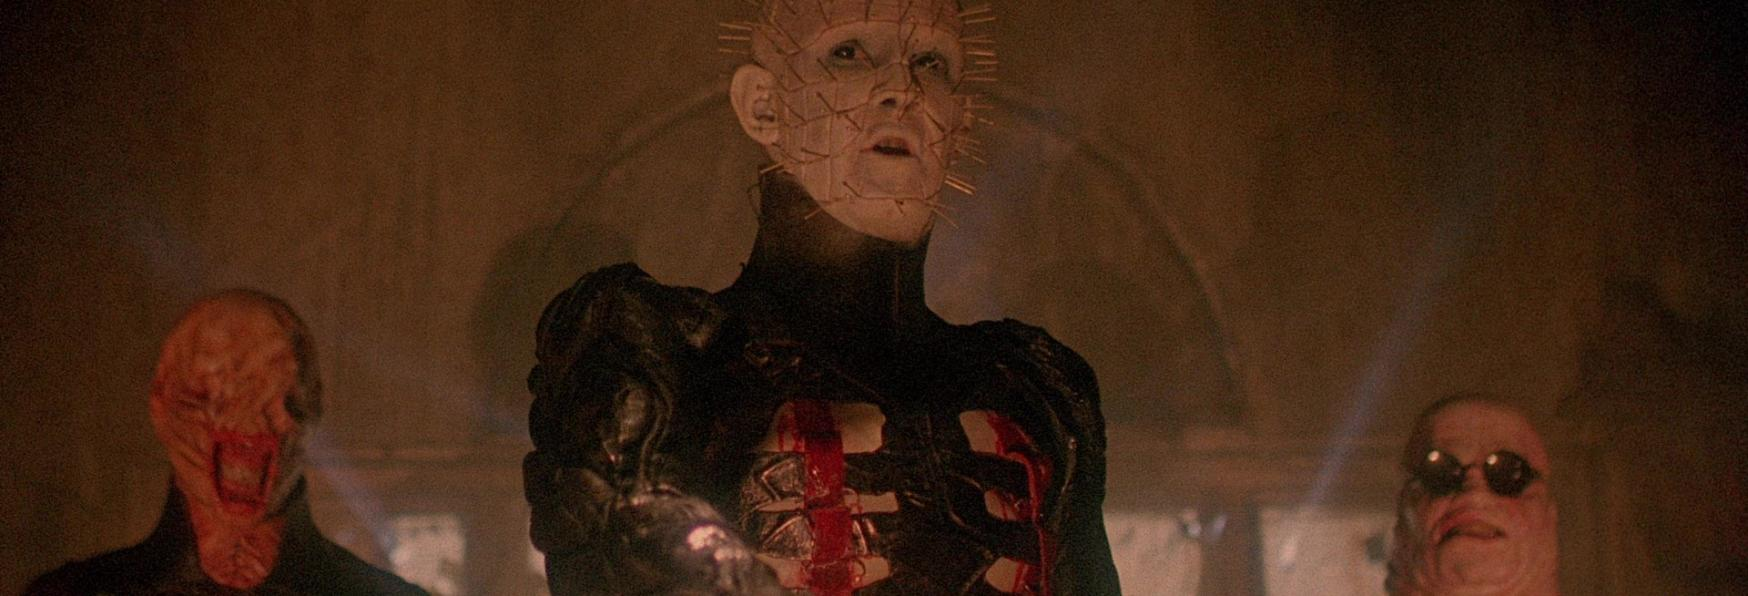 Hellraiser: la nuova Serie TV targata HBO sulla nota Saga Horror degli Anni '80